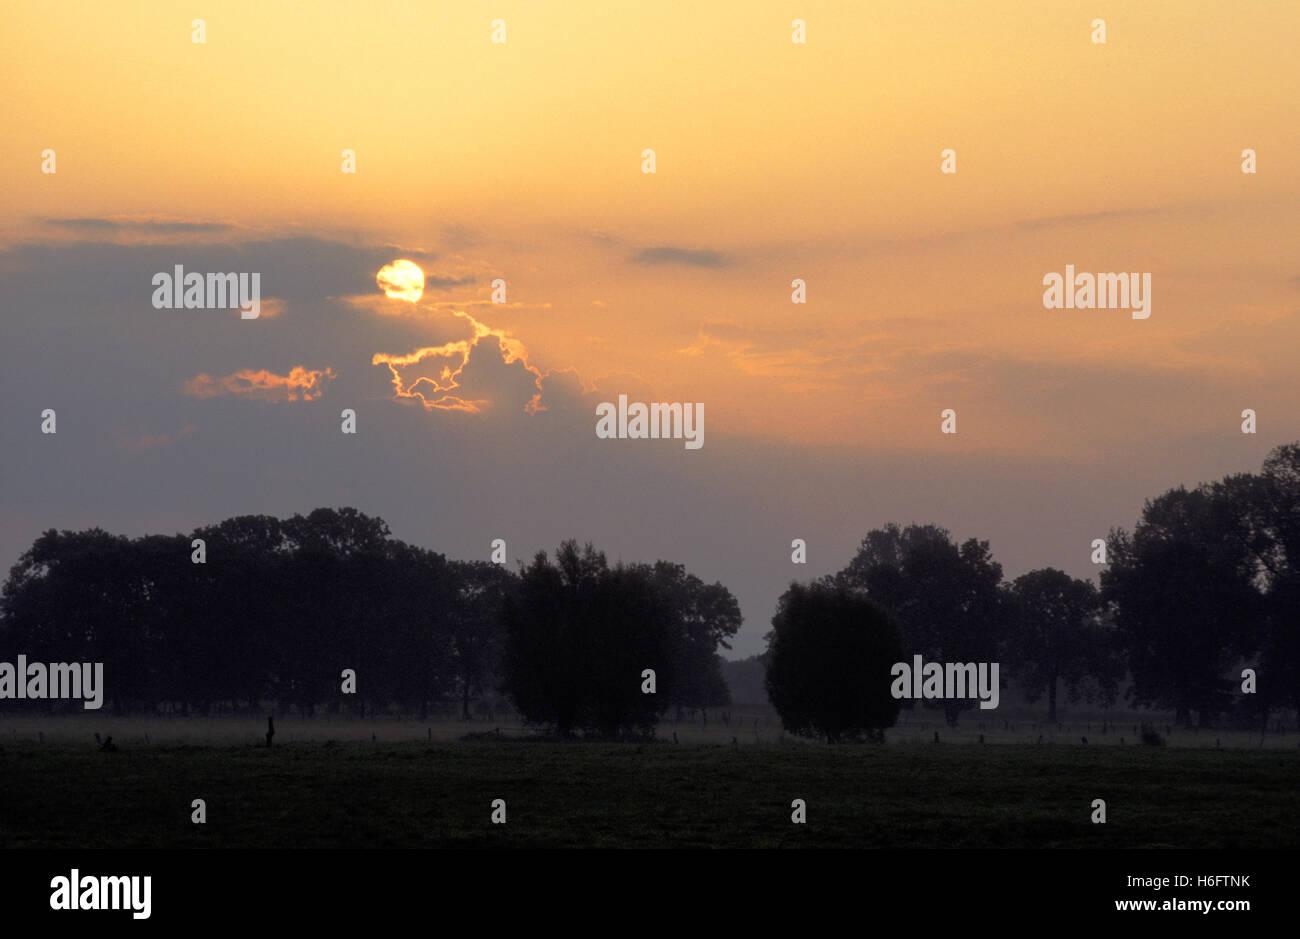 Germany, Lower Saxony, sunrise in Moellenbeck near Rinteln. - Stock Image